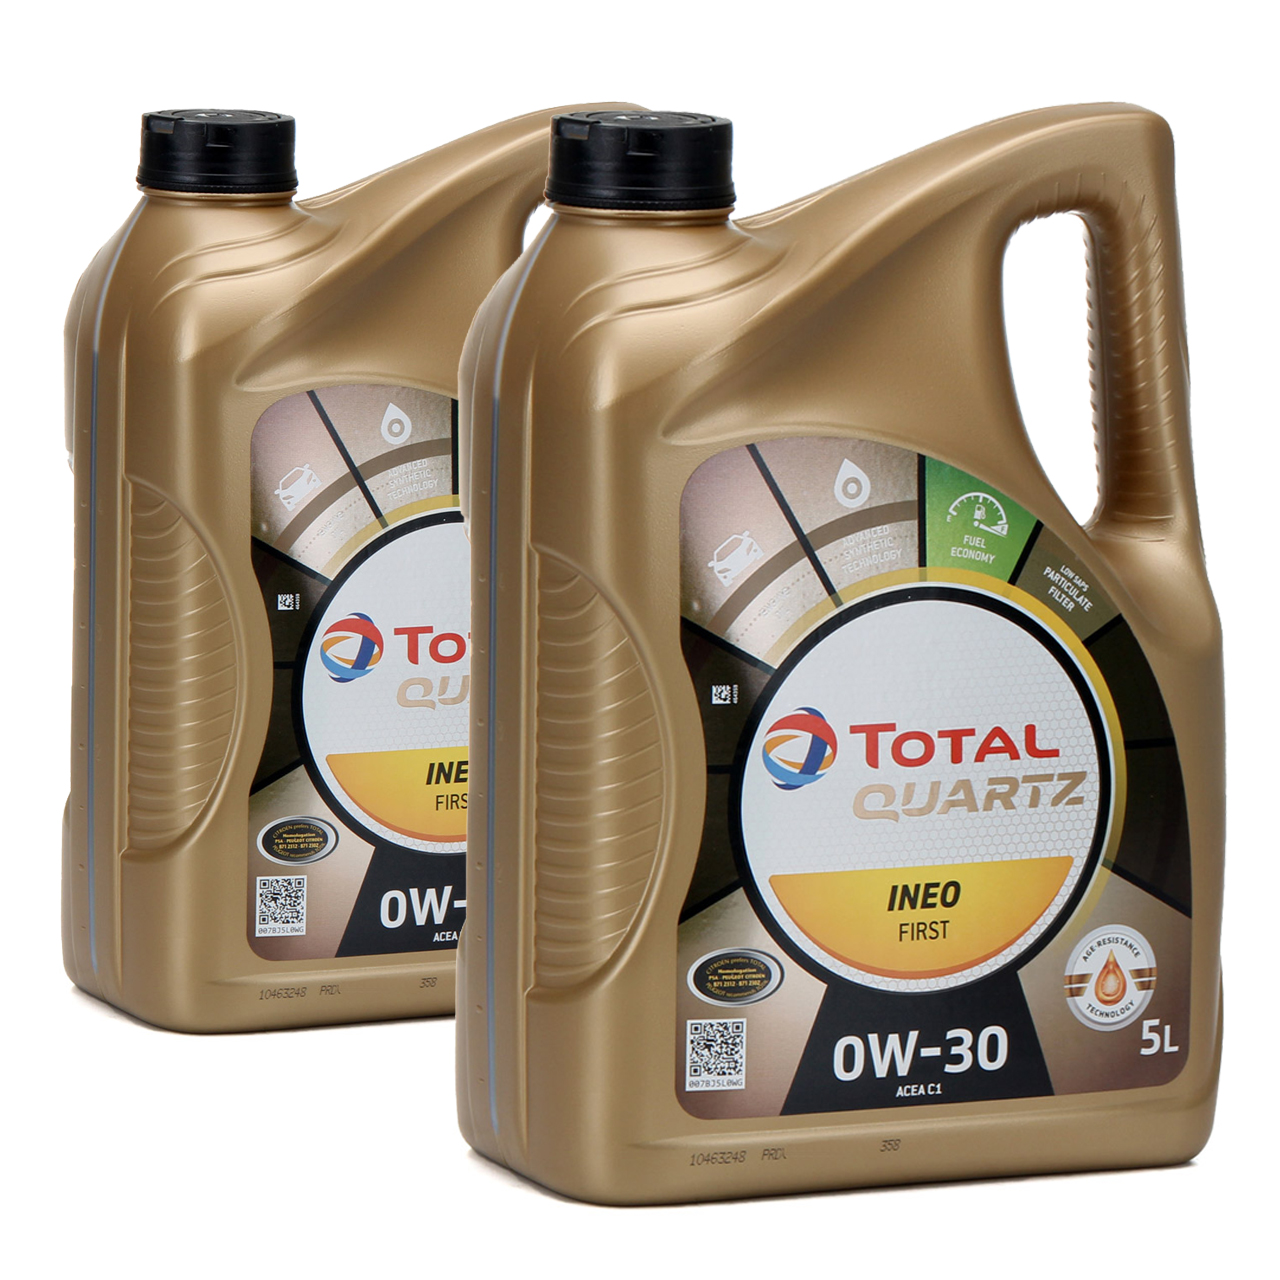 TOTAL QUARTZ INEO FIRST Motoröl Öl 0W-30 ACEA C1 C2 PSA B71 2312 - 10L 10 Liter